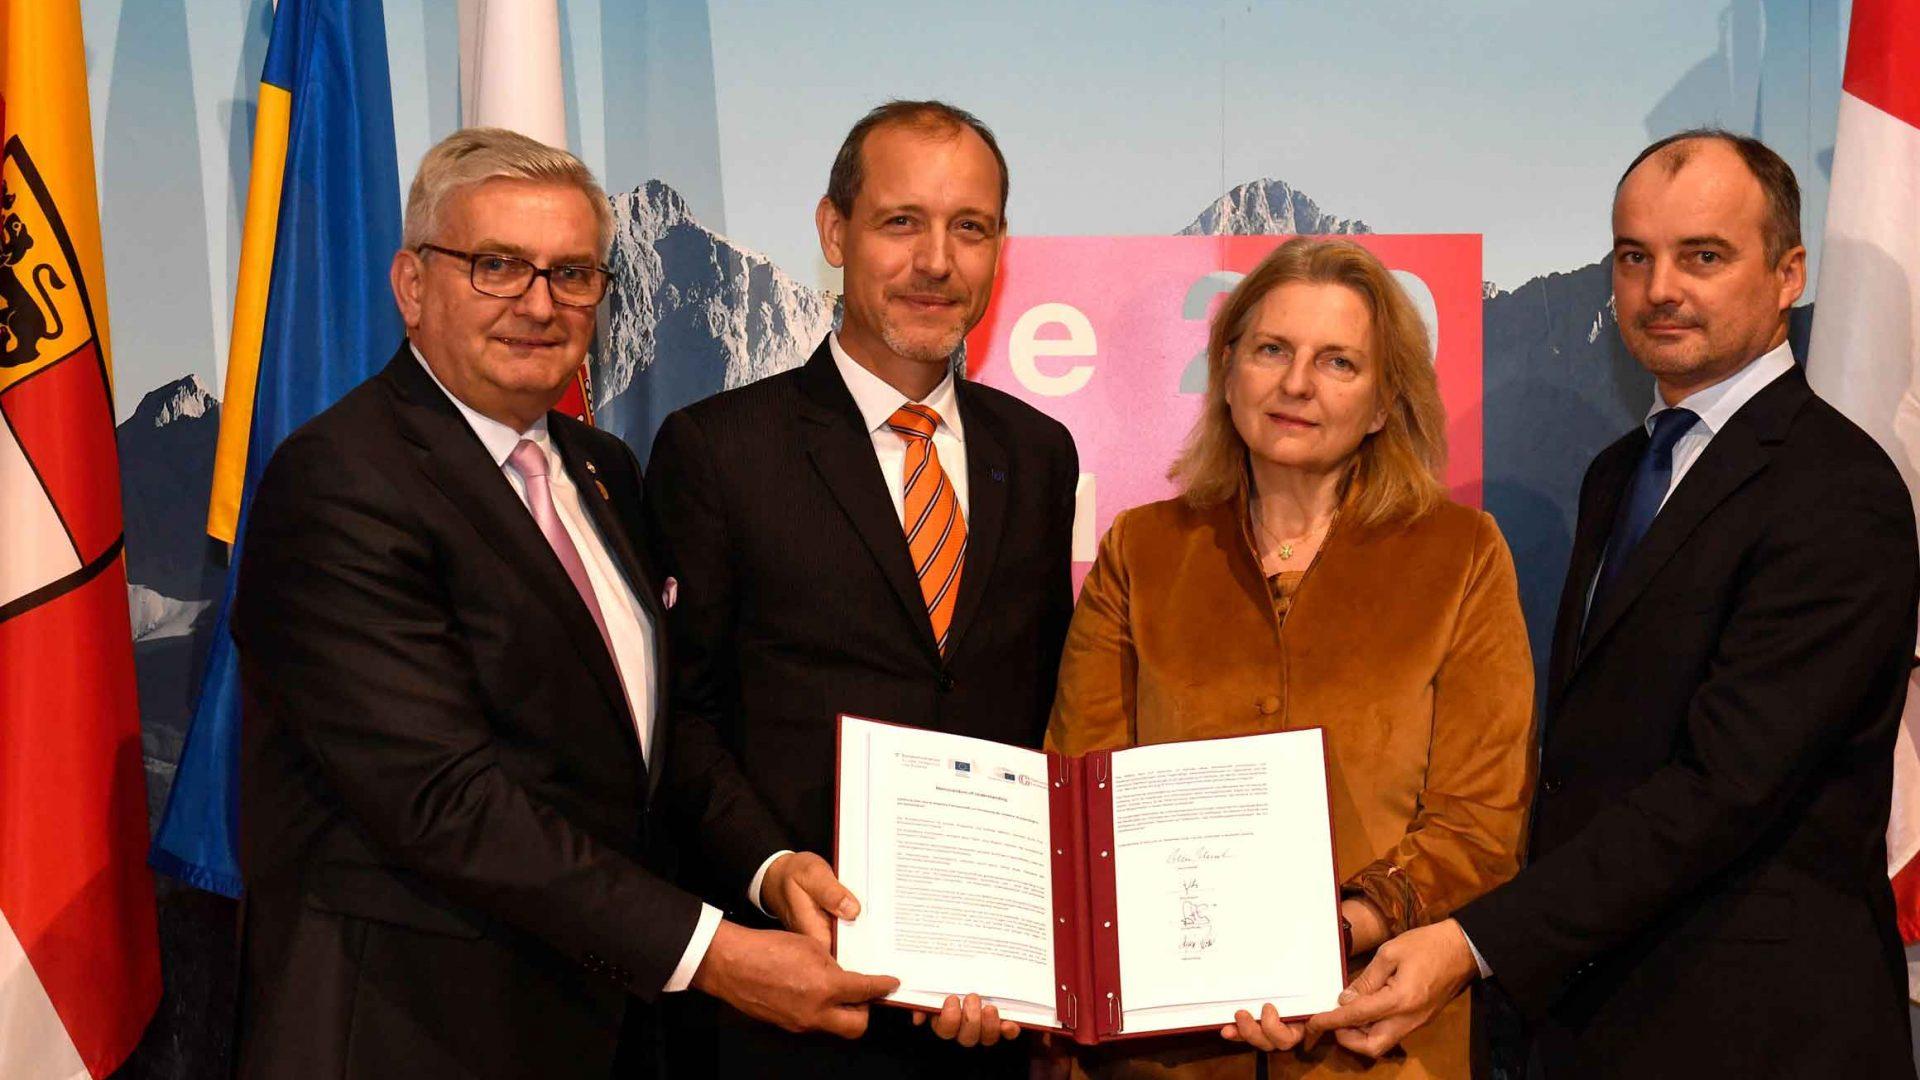 Eine Kooperationsvereinbarung zwischen Außerenministerium, der Europäischen Kommission, dem Verbindungsbüro des Europäischen Parlaments und des Österreichischen Gemeindebundes war Höhepunkt des 5. EU-Gemeinderätetreffens. ©Mahmoud